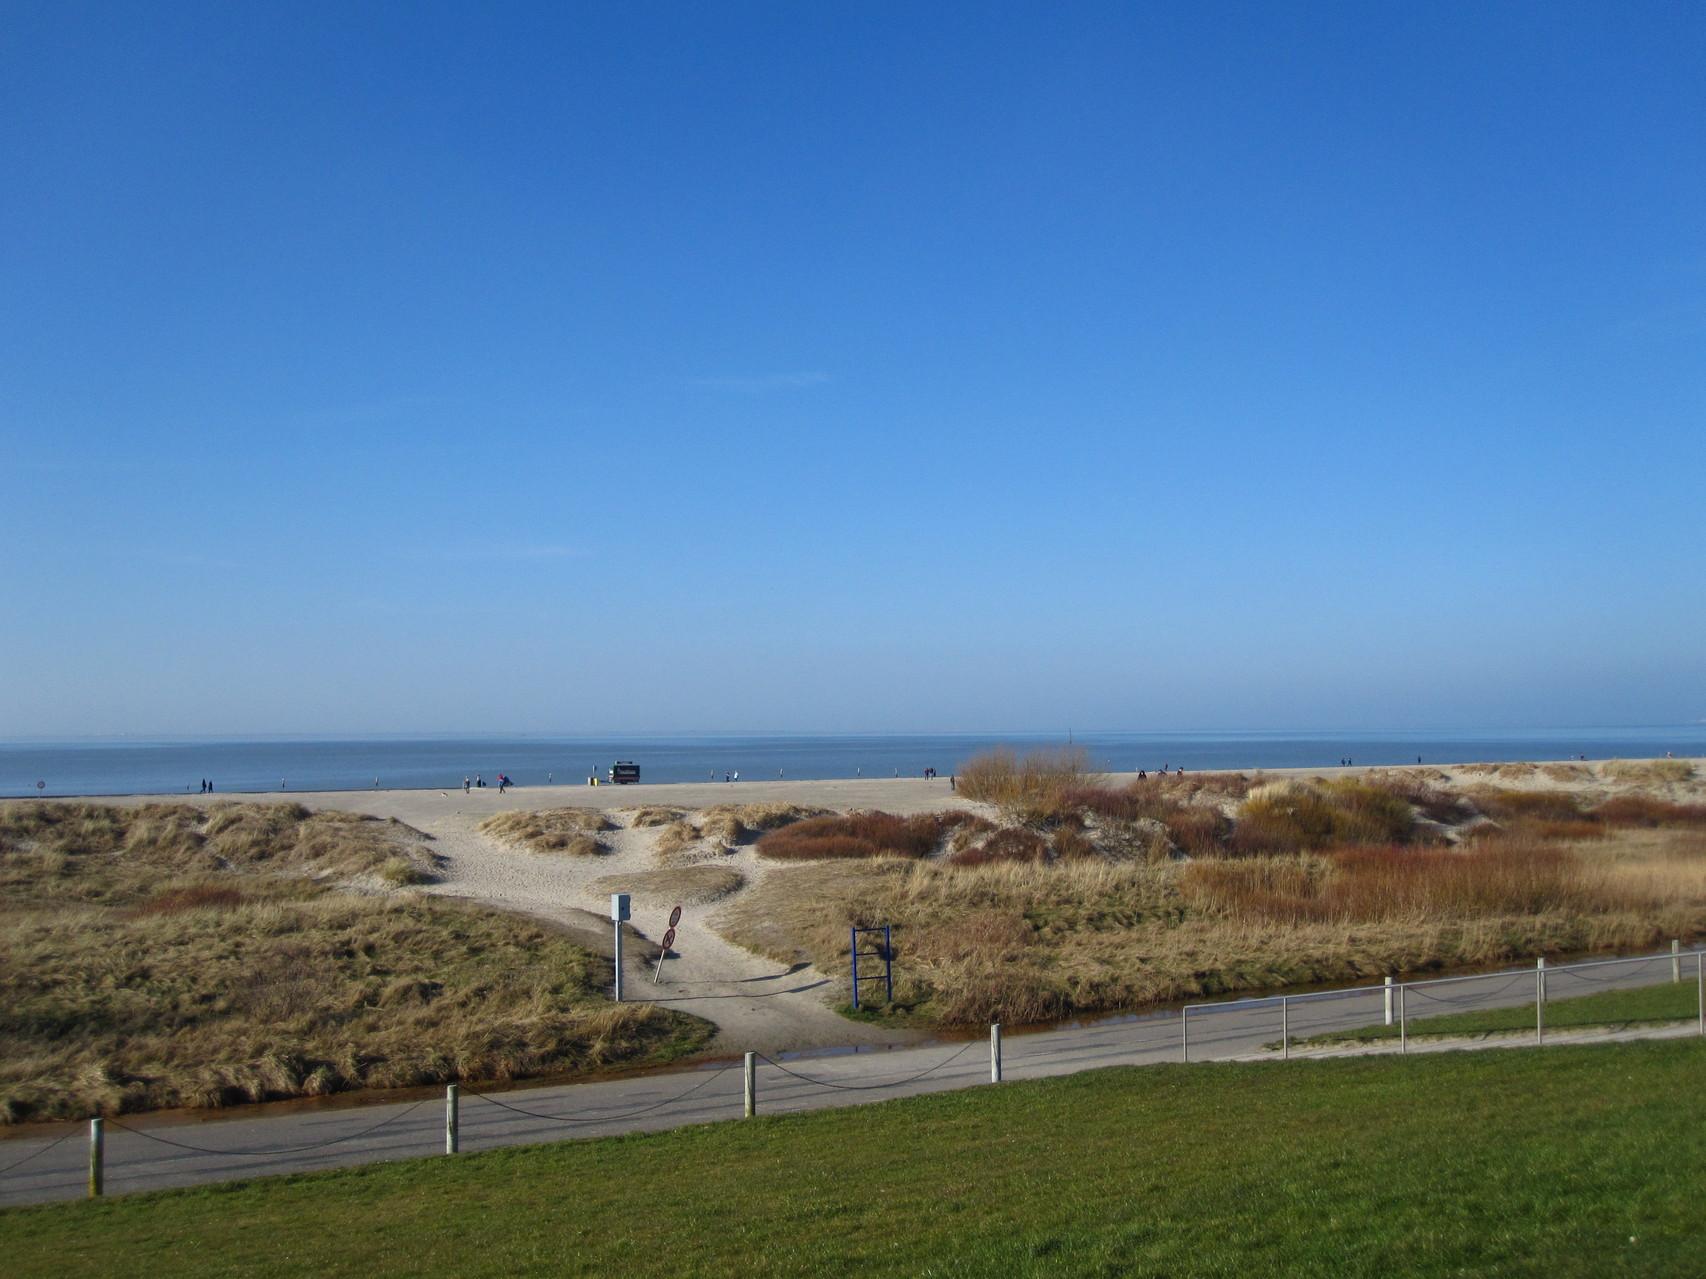 Zugang zum Sandstrand vom Deich aus (Winteraufnahme)